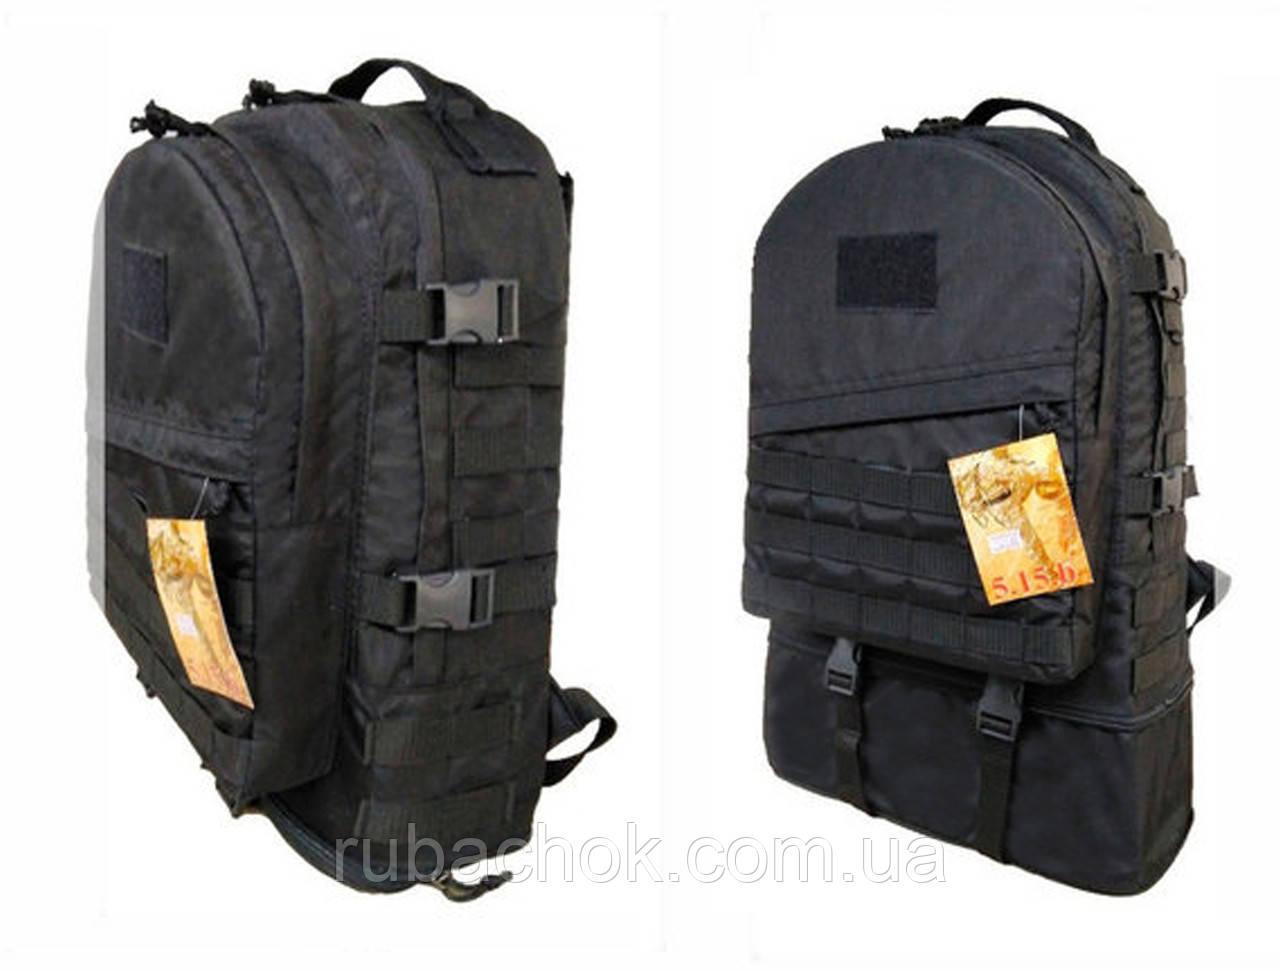 Тактический туристический супер-крепкий рюкзак трансформер 30-45 литров Черный